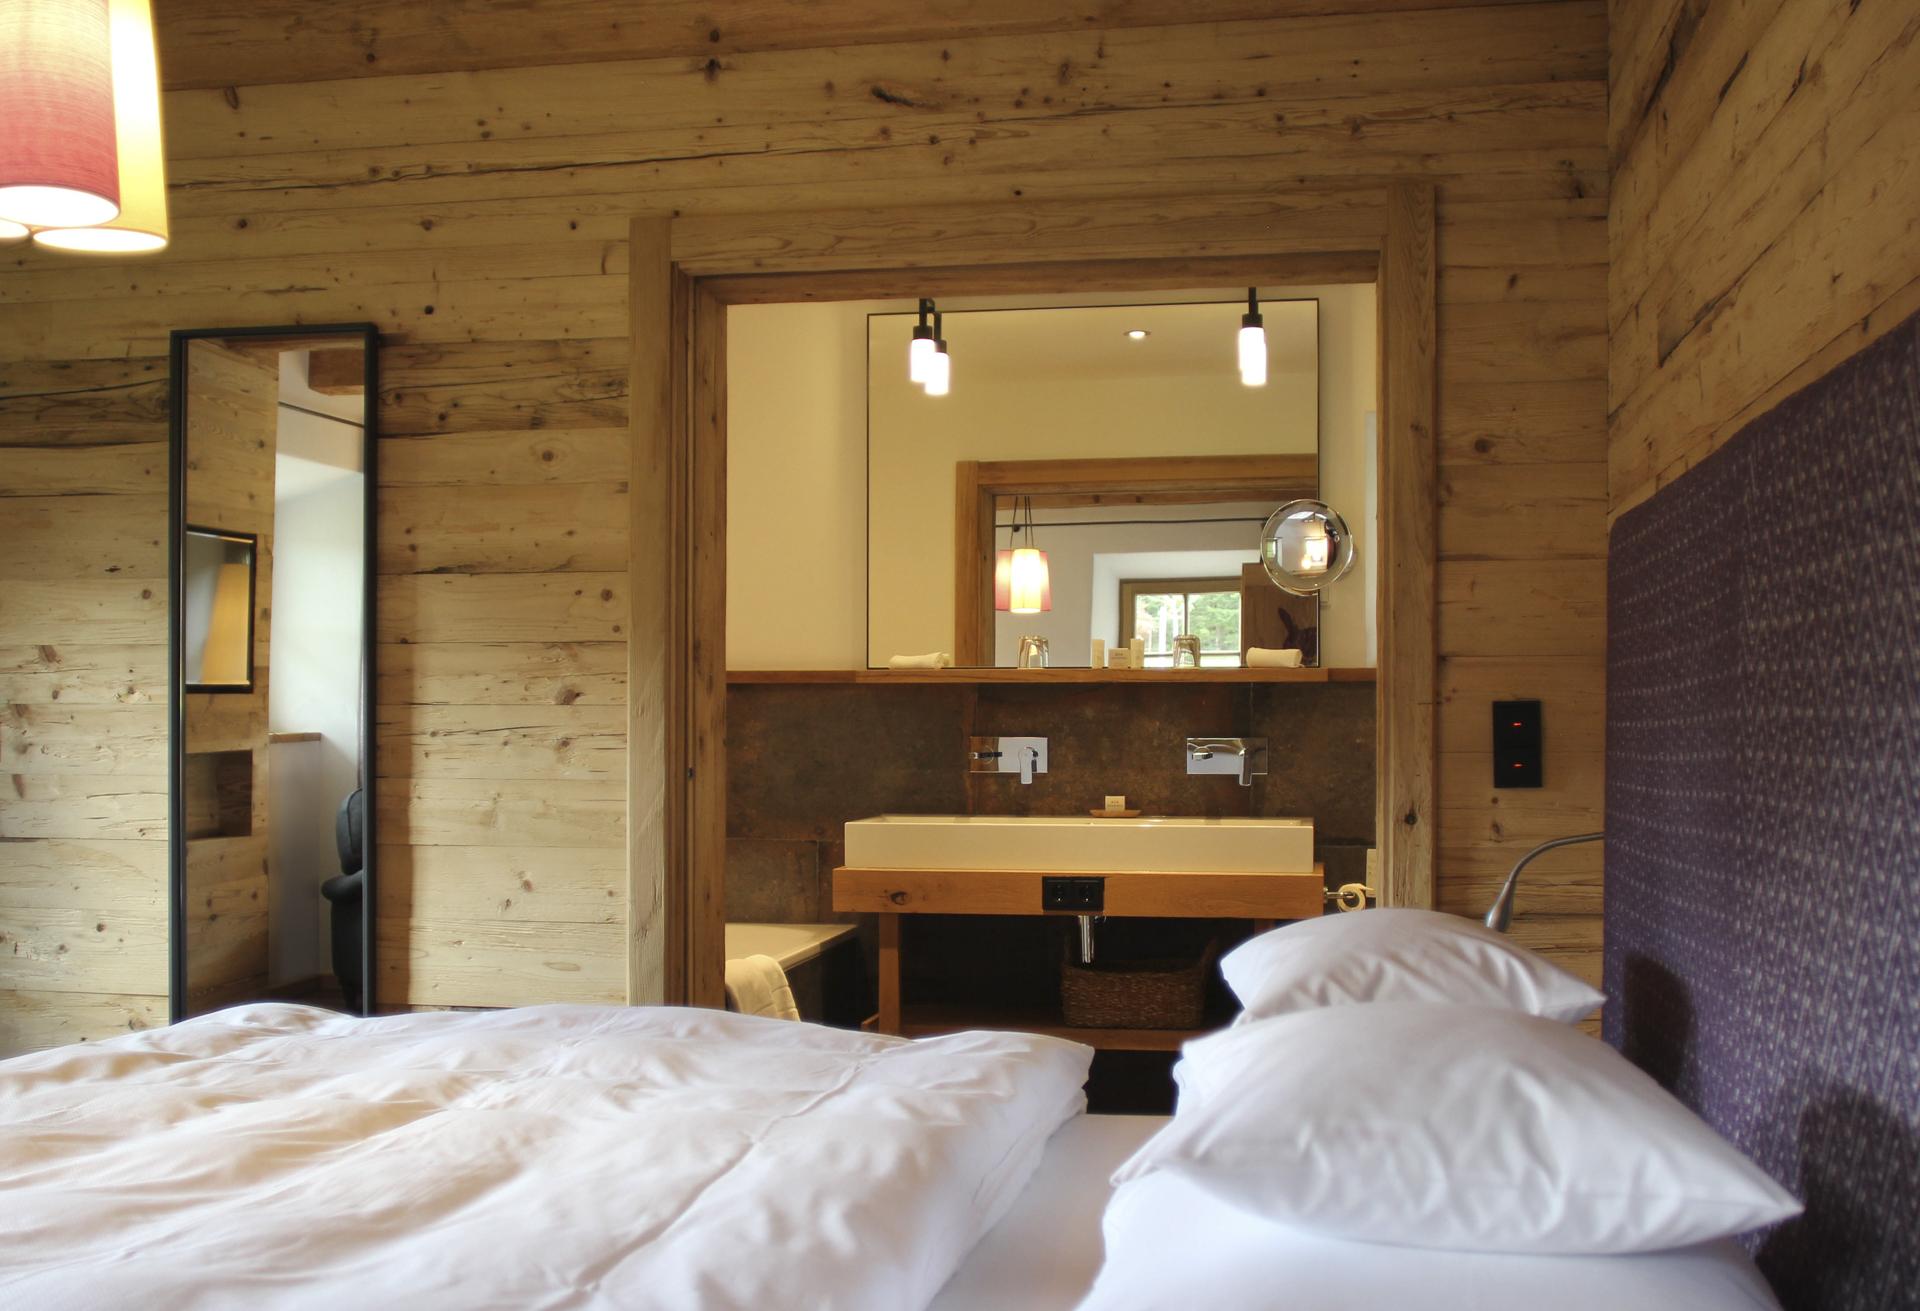 tischlerei-decker-Chalet-Eule-Schlafzimmer-mit-Bad